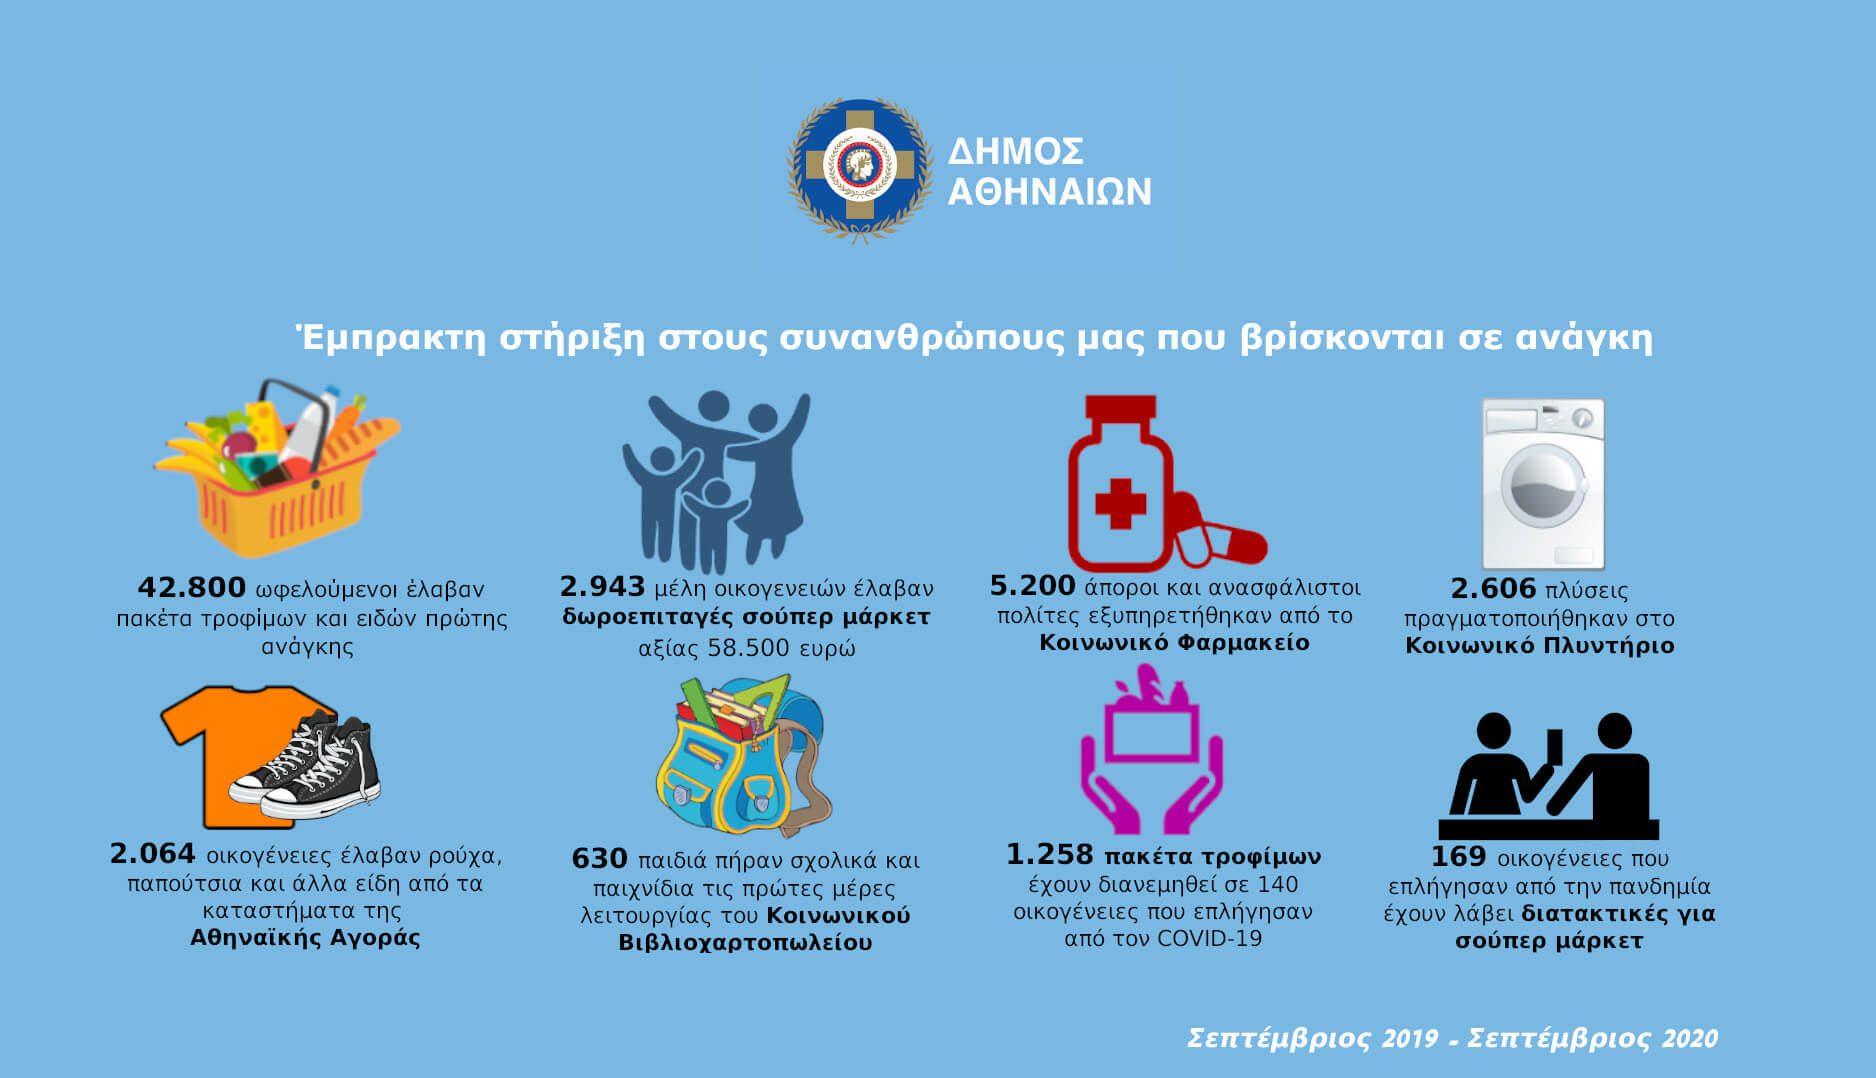 Διεθνής Ημέρα  Εξάλειψης της Φτώχειας - Η Αθήνα στήριξε σε 1 χρόνο πάνω από 42.800 συνανθρώπους μας